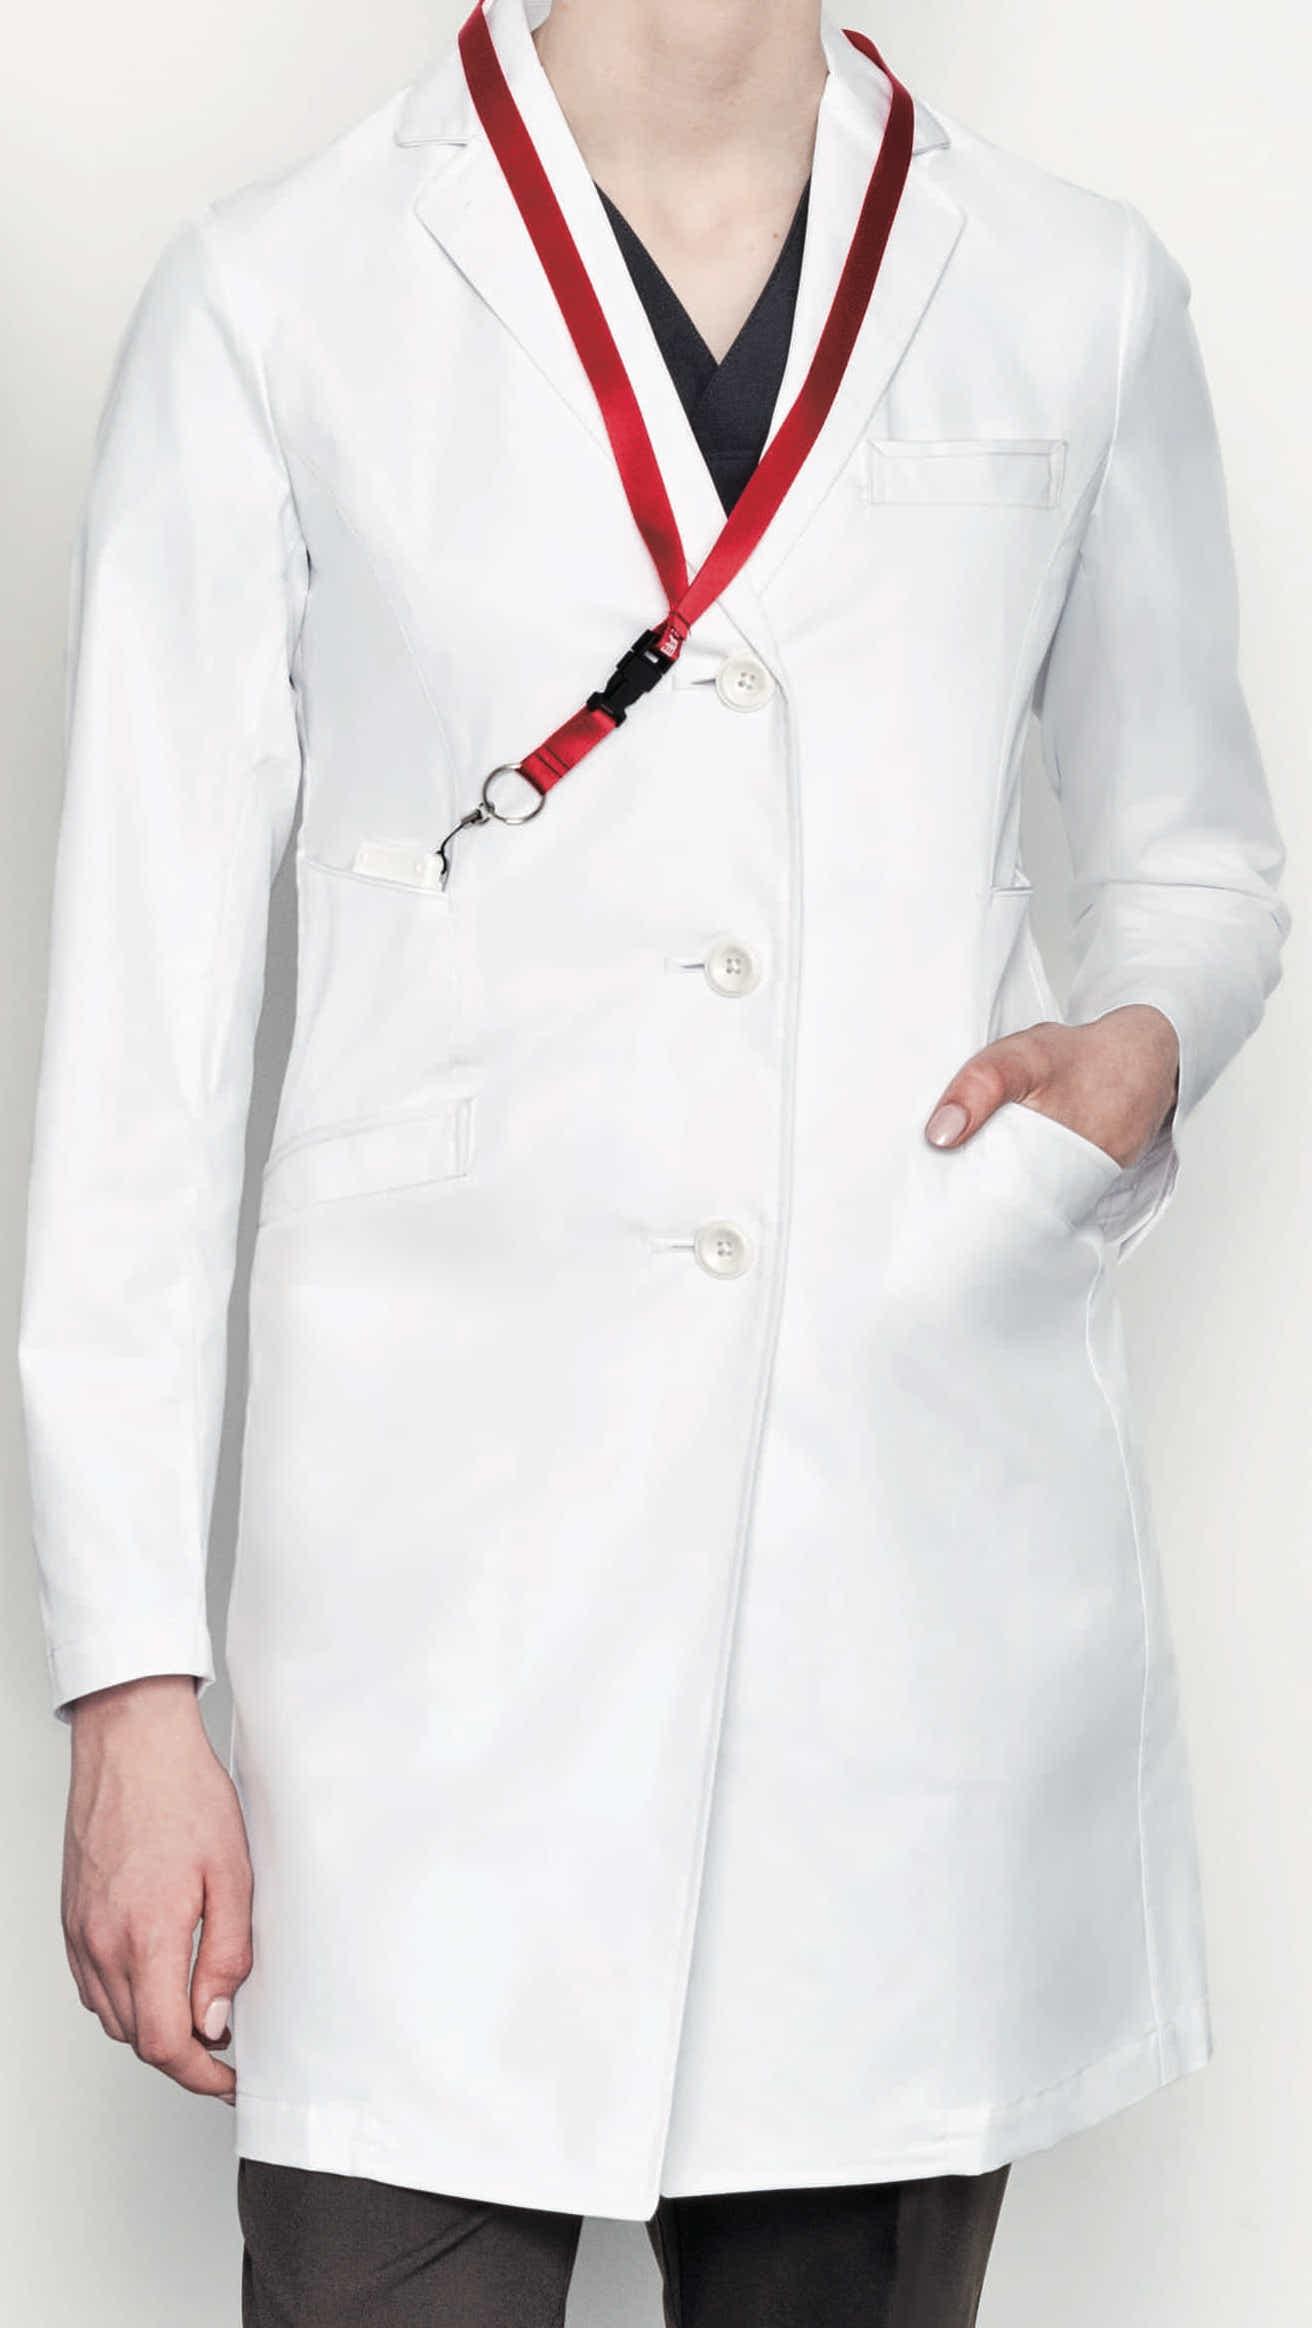 ミズノのドクターコート(MZ0136)